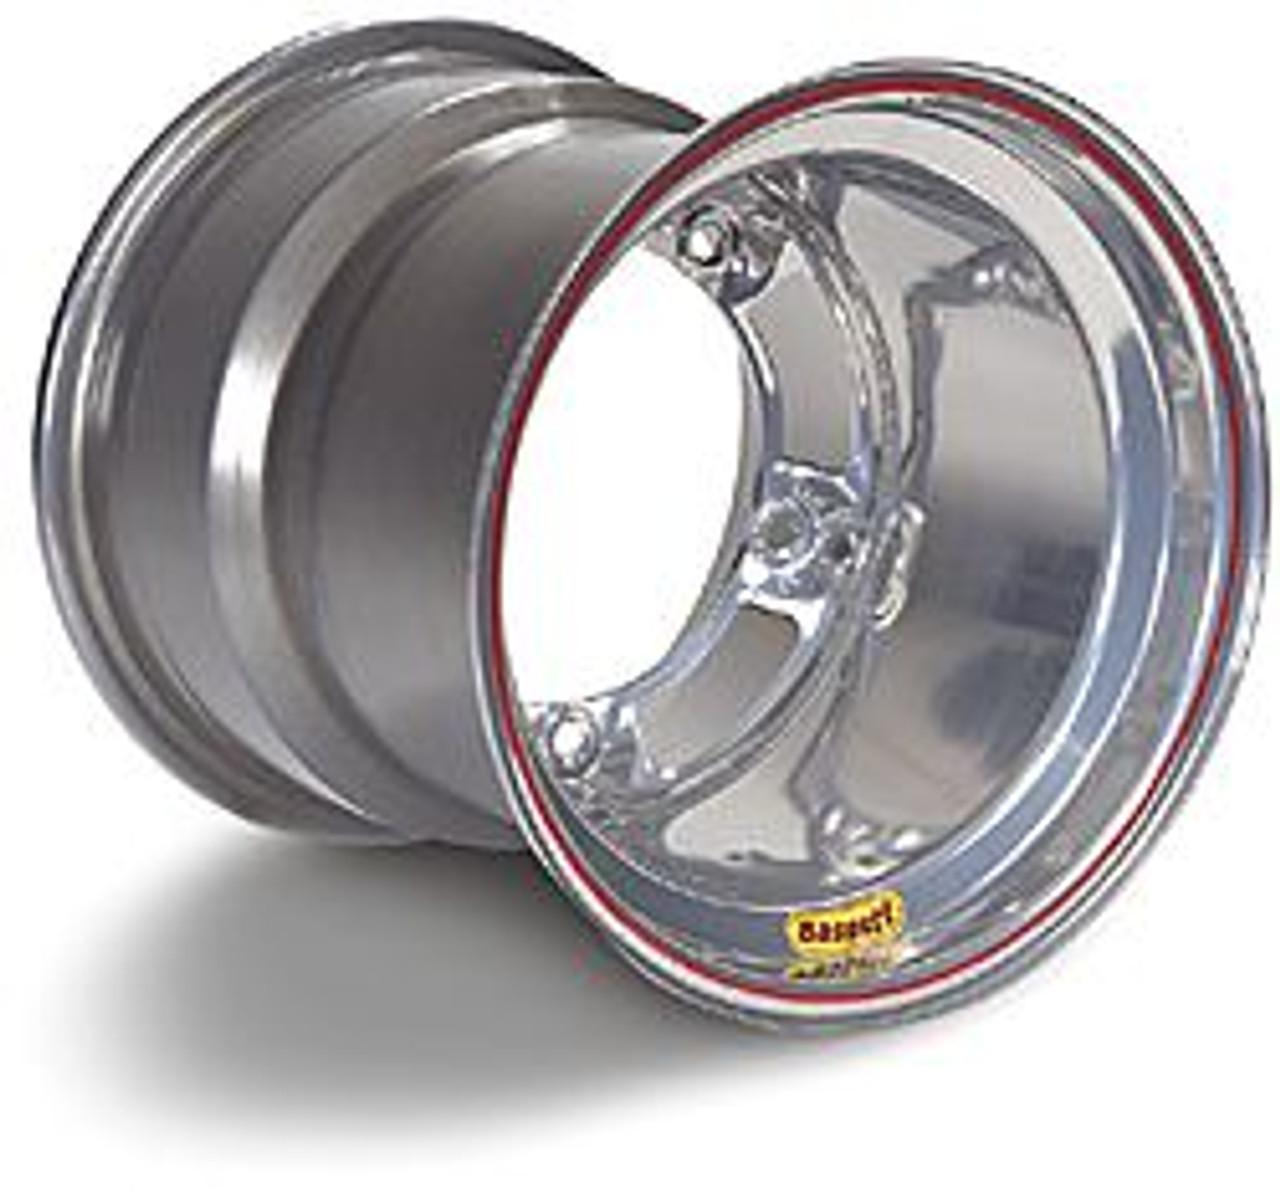 Bassett Spun Wide Five Wheels 15x15 Powdercoat Silver or Black